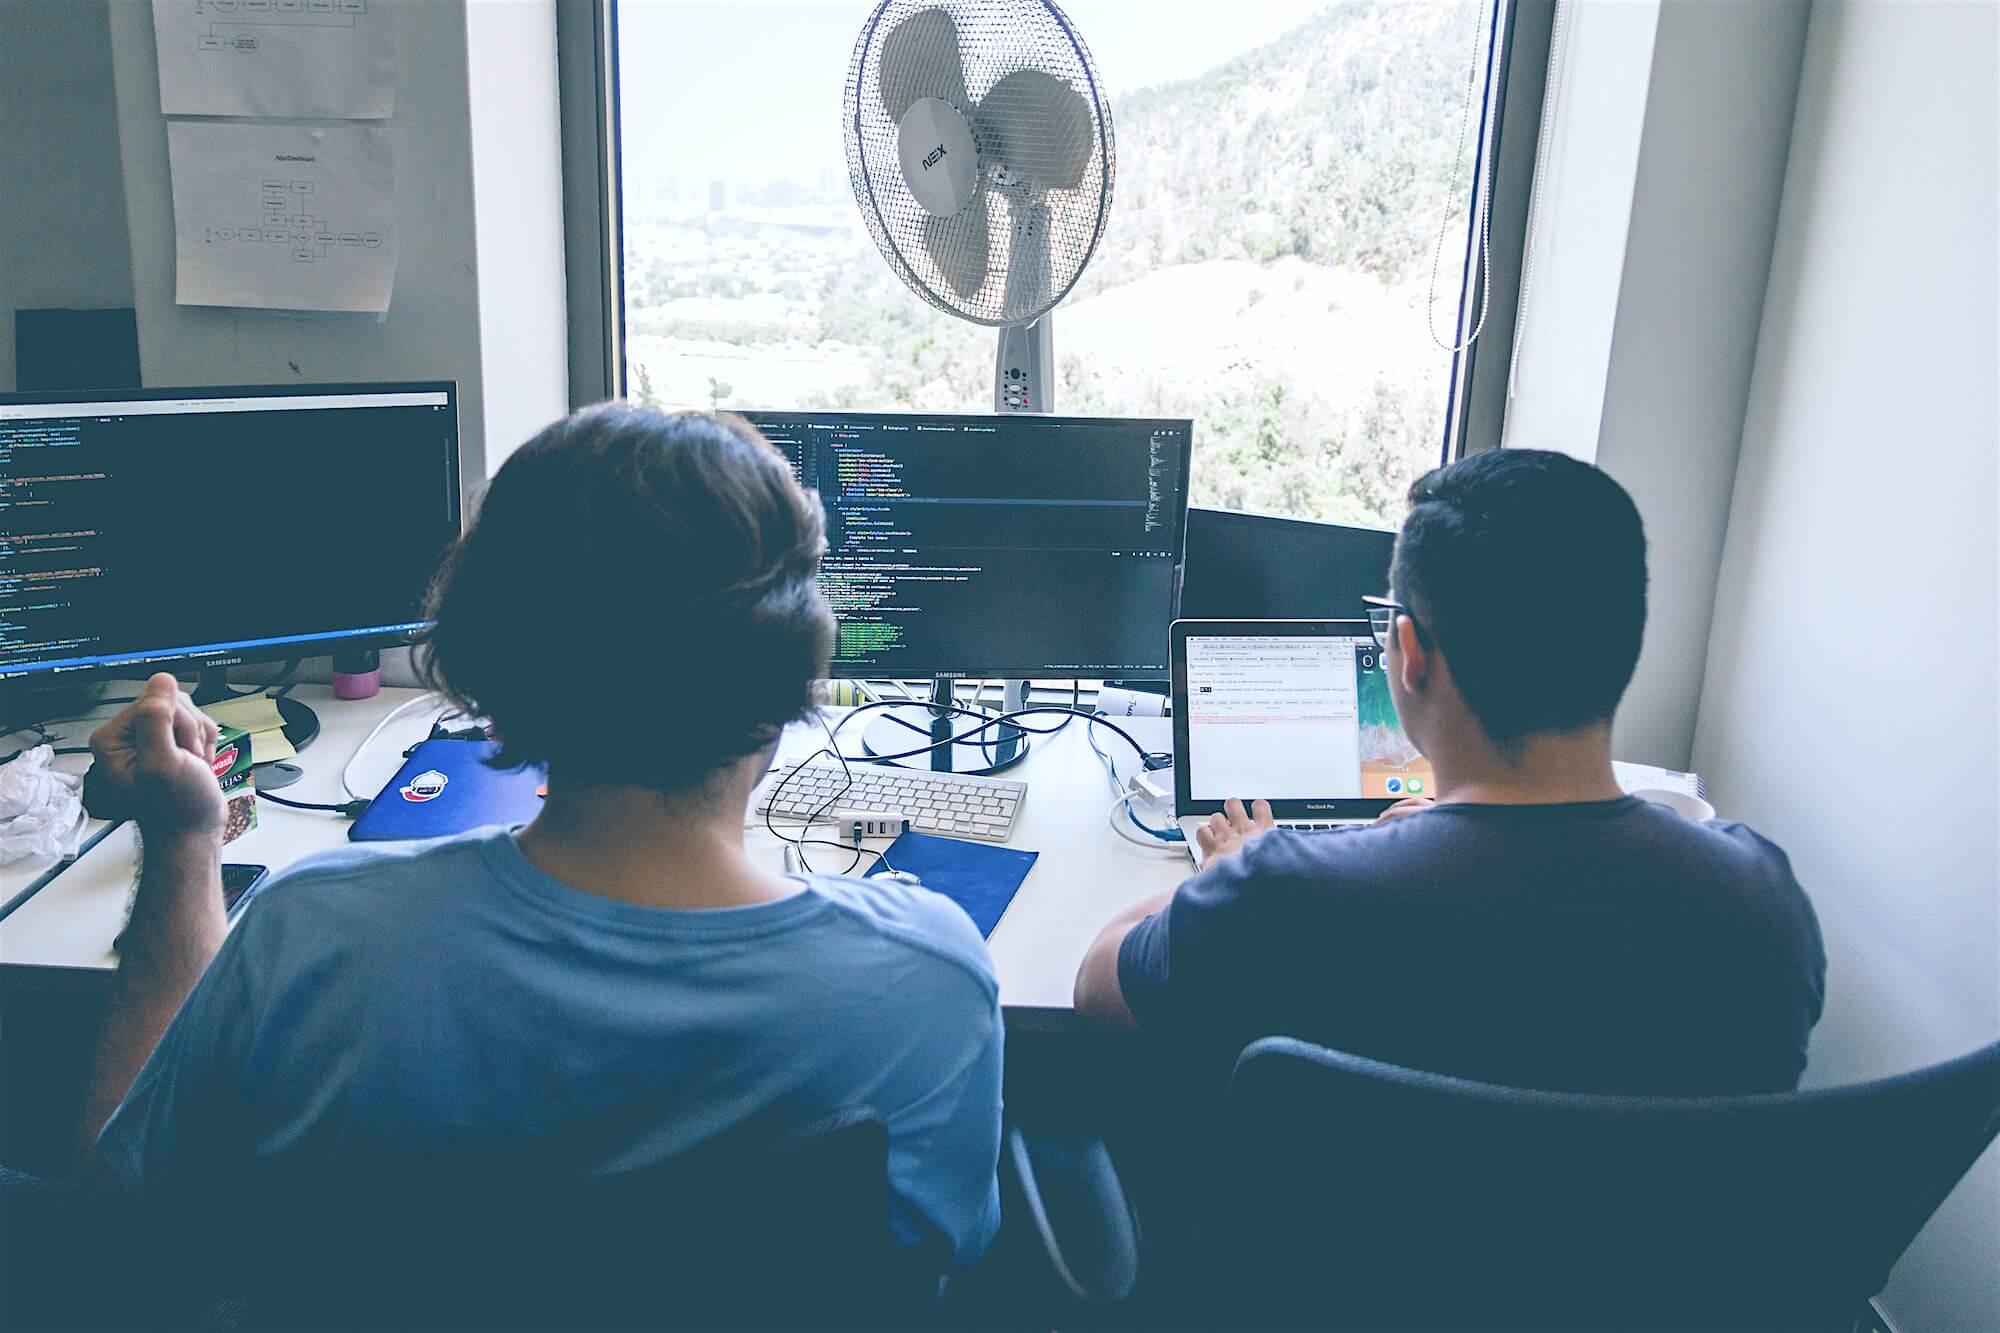 Разработка в облаке, ИБ и персональные данные: дайджест для чтения на выходных от 1cloud